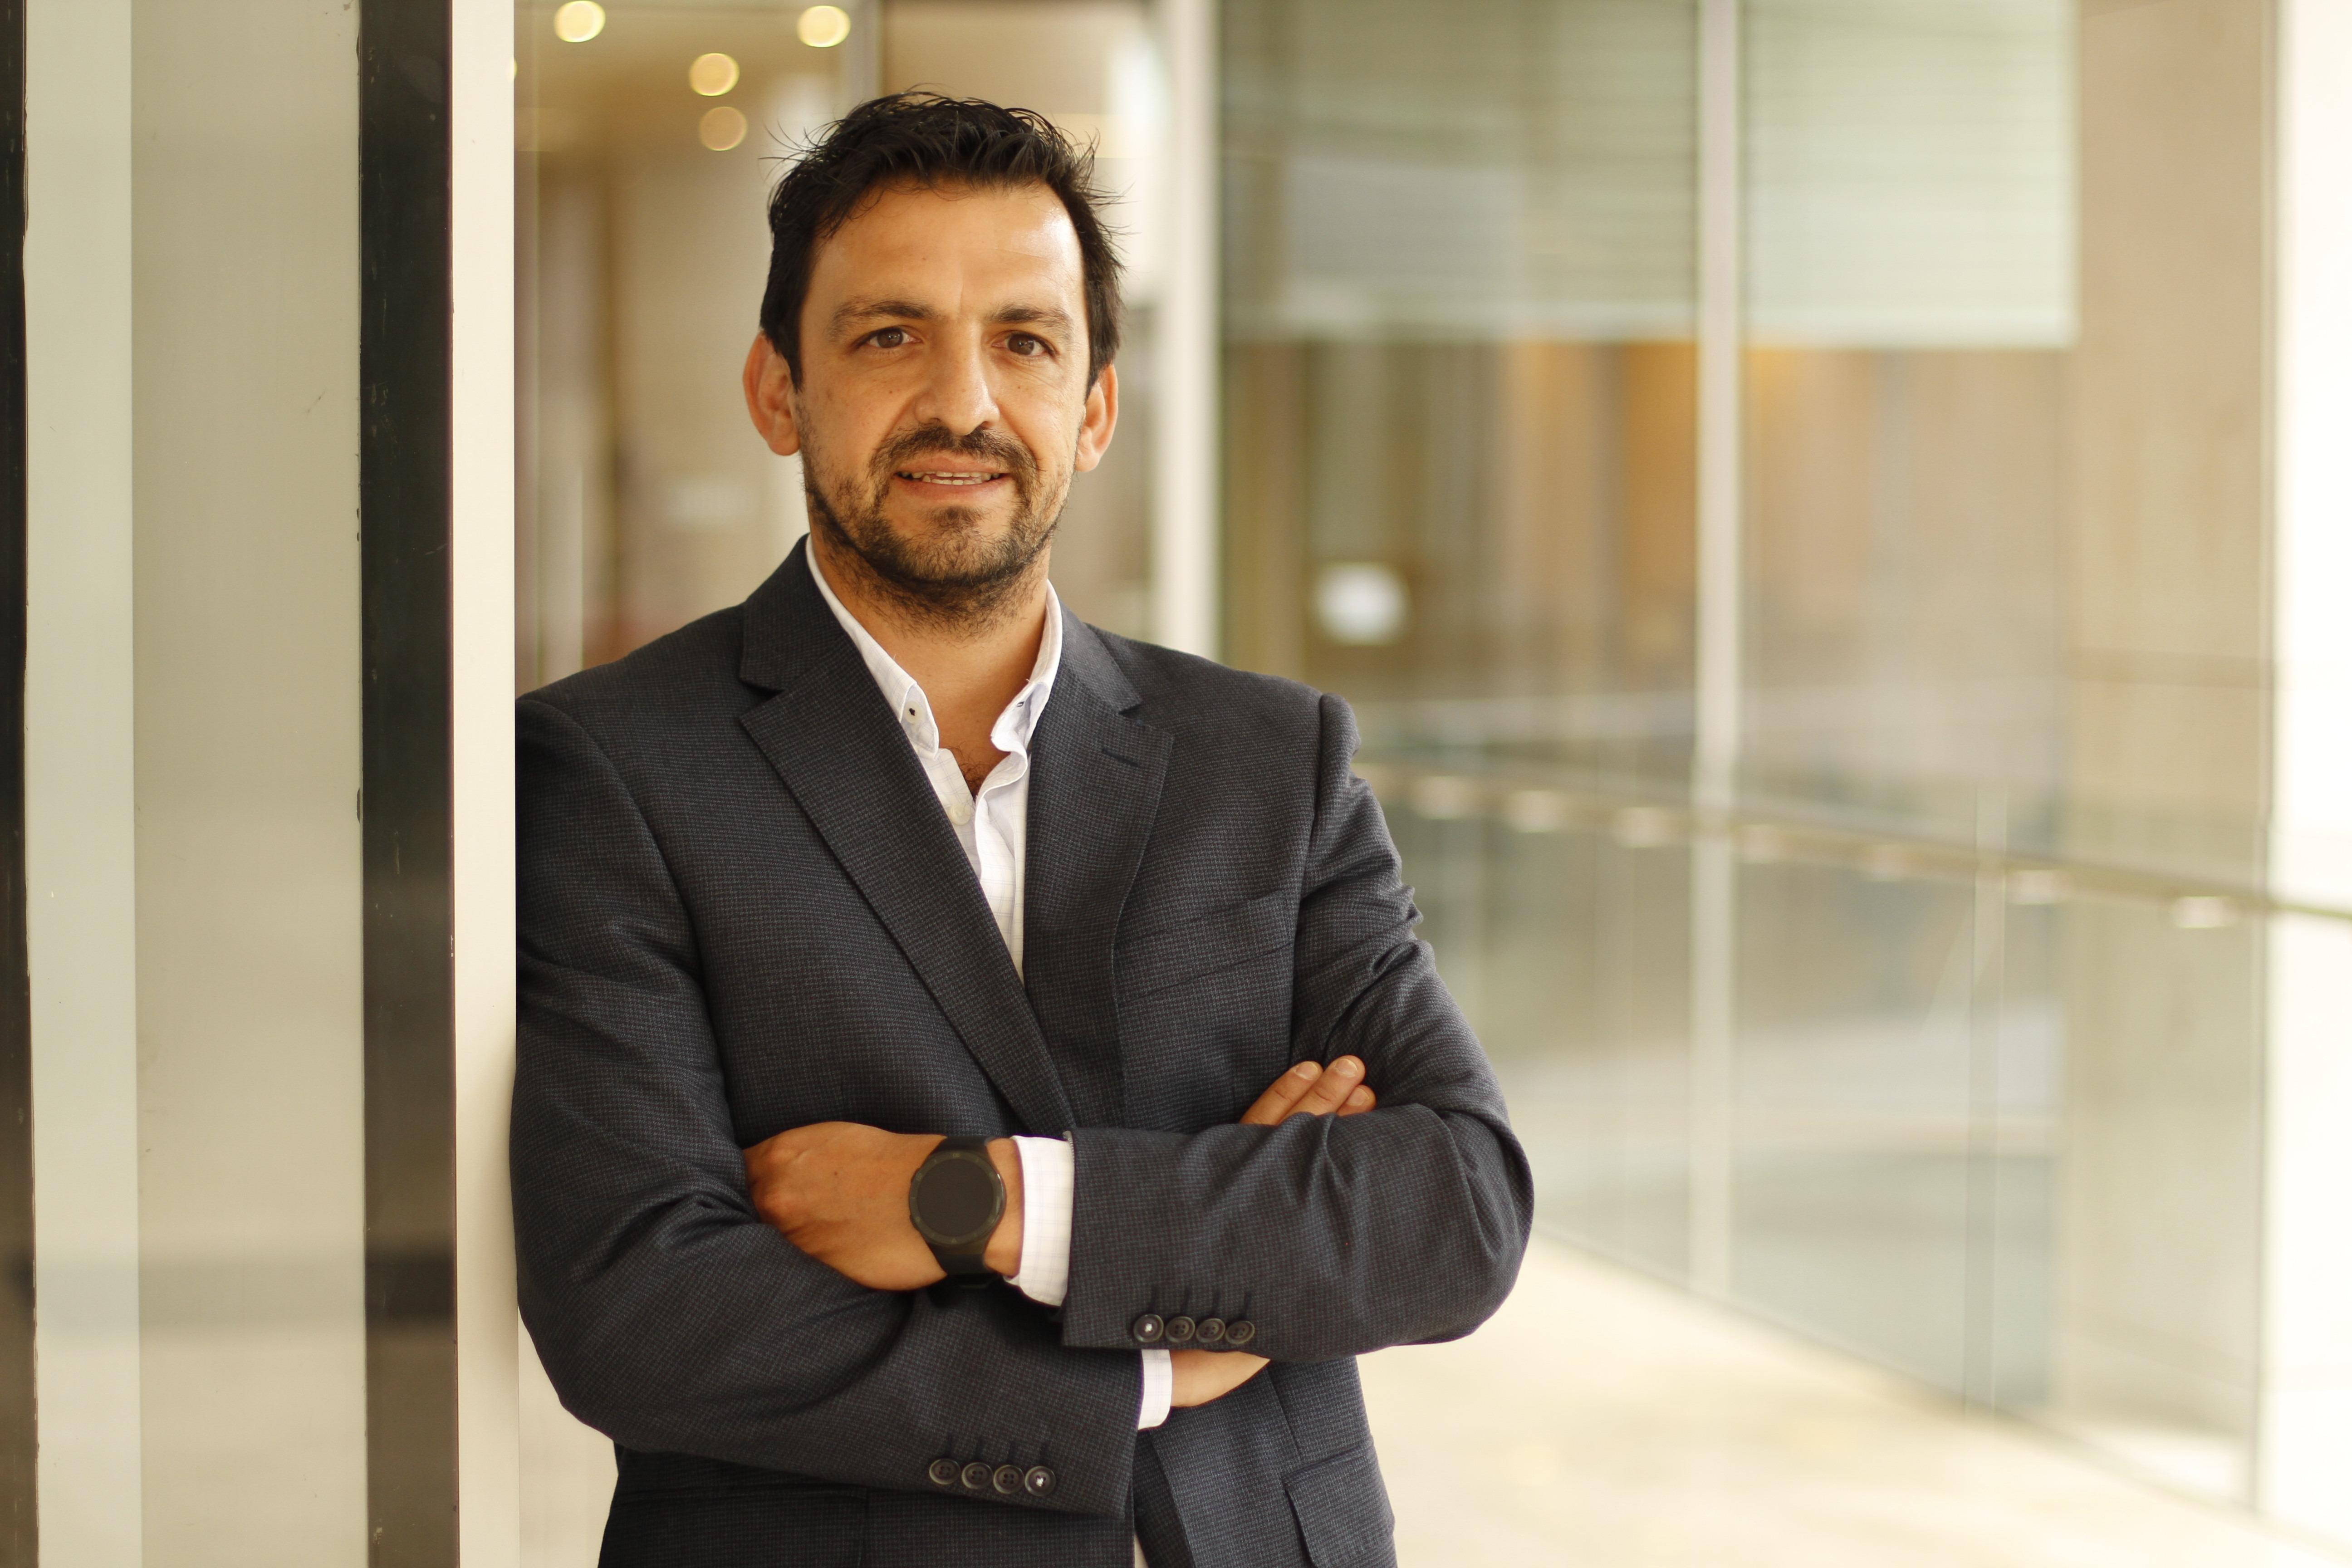 Patricio Valenzuela